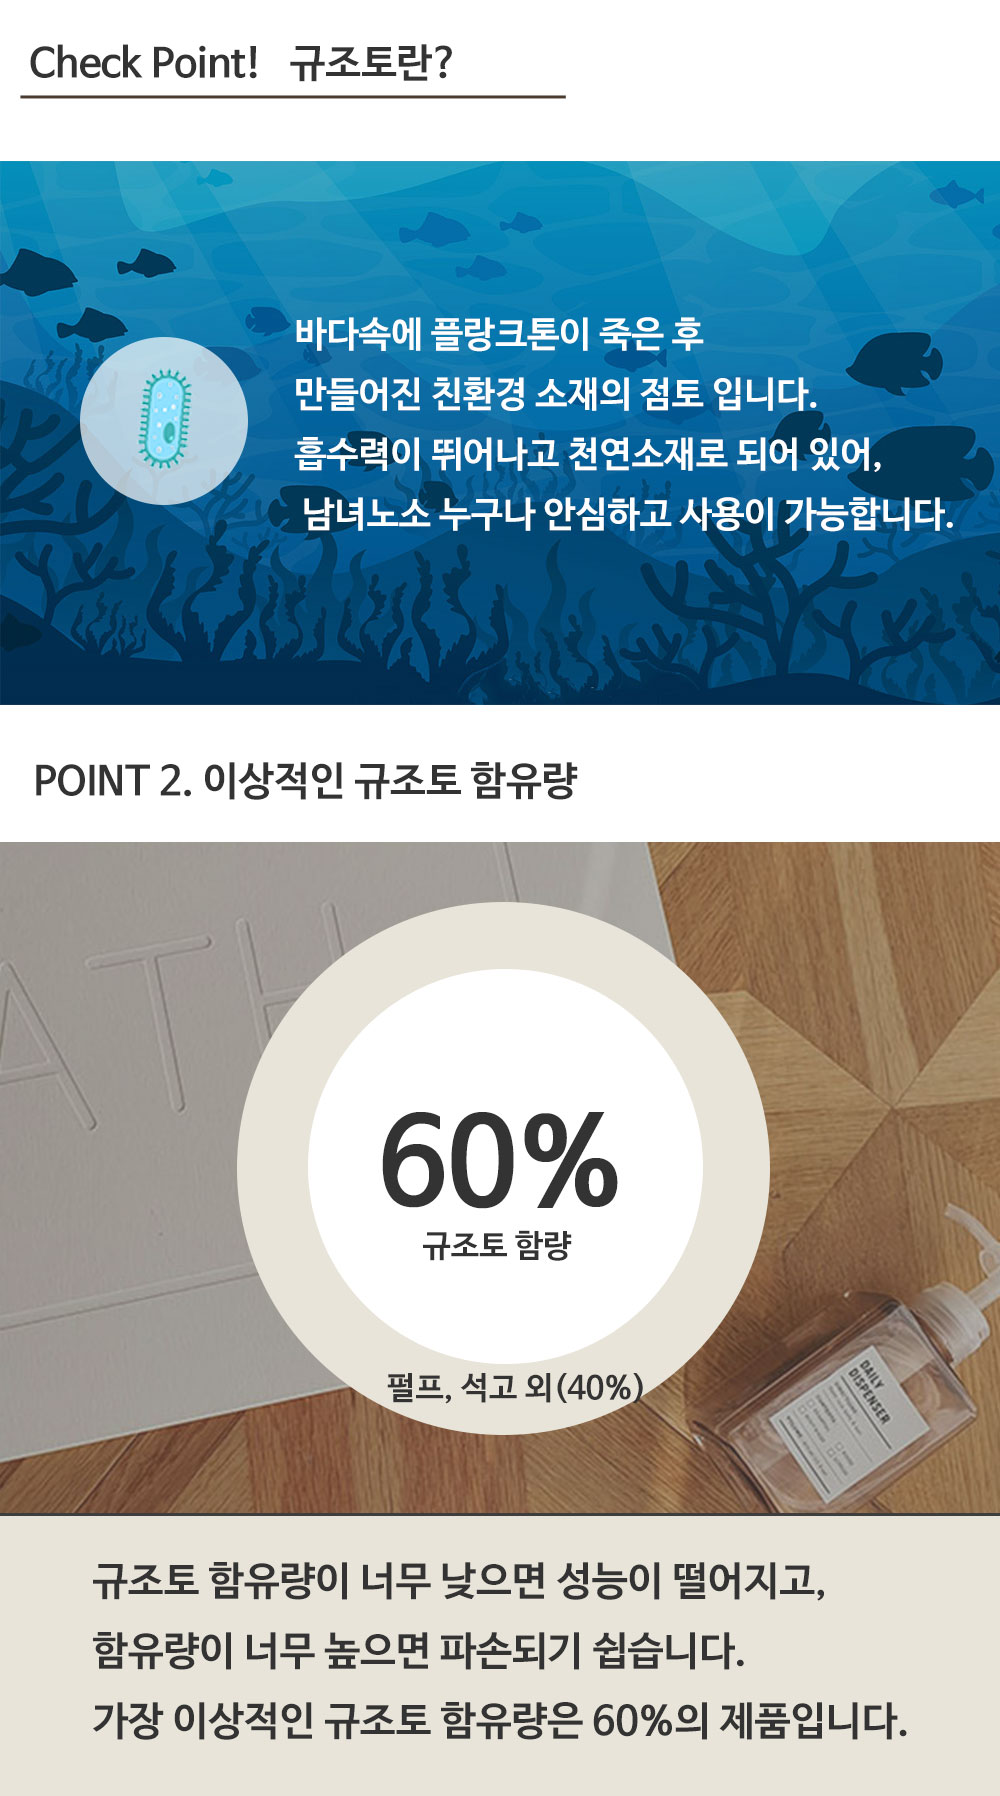 02_point_2.jpg